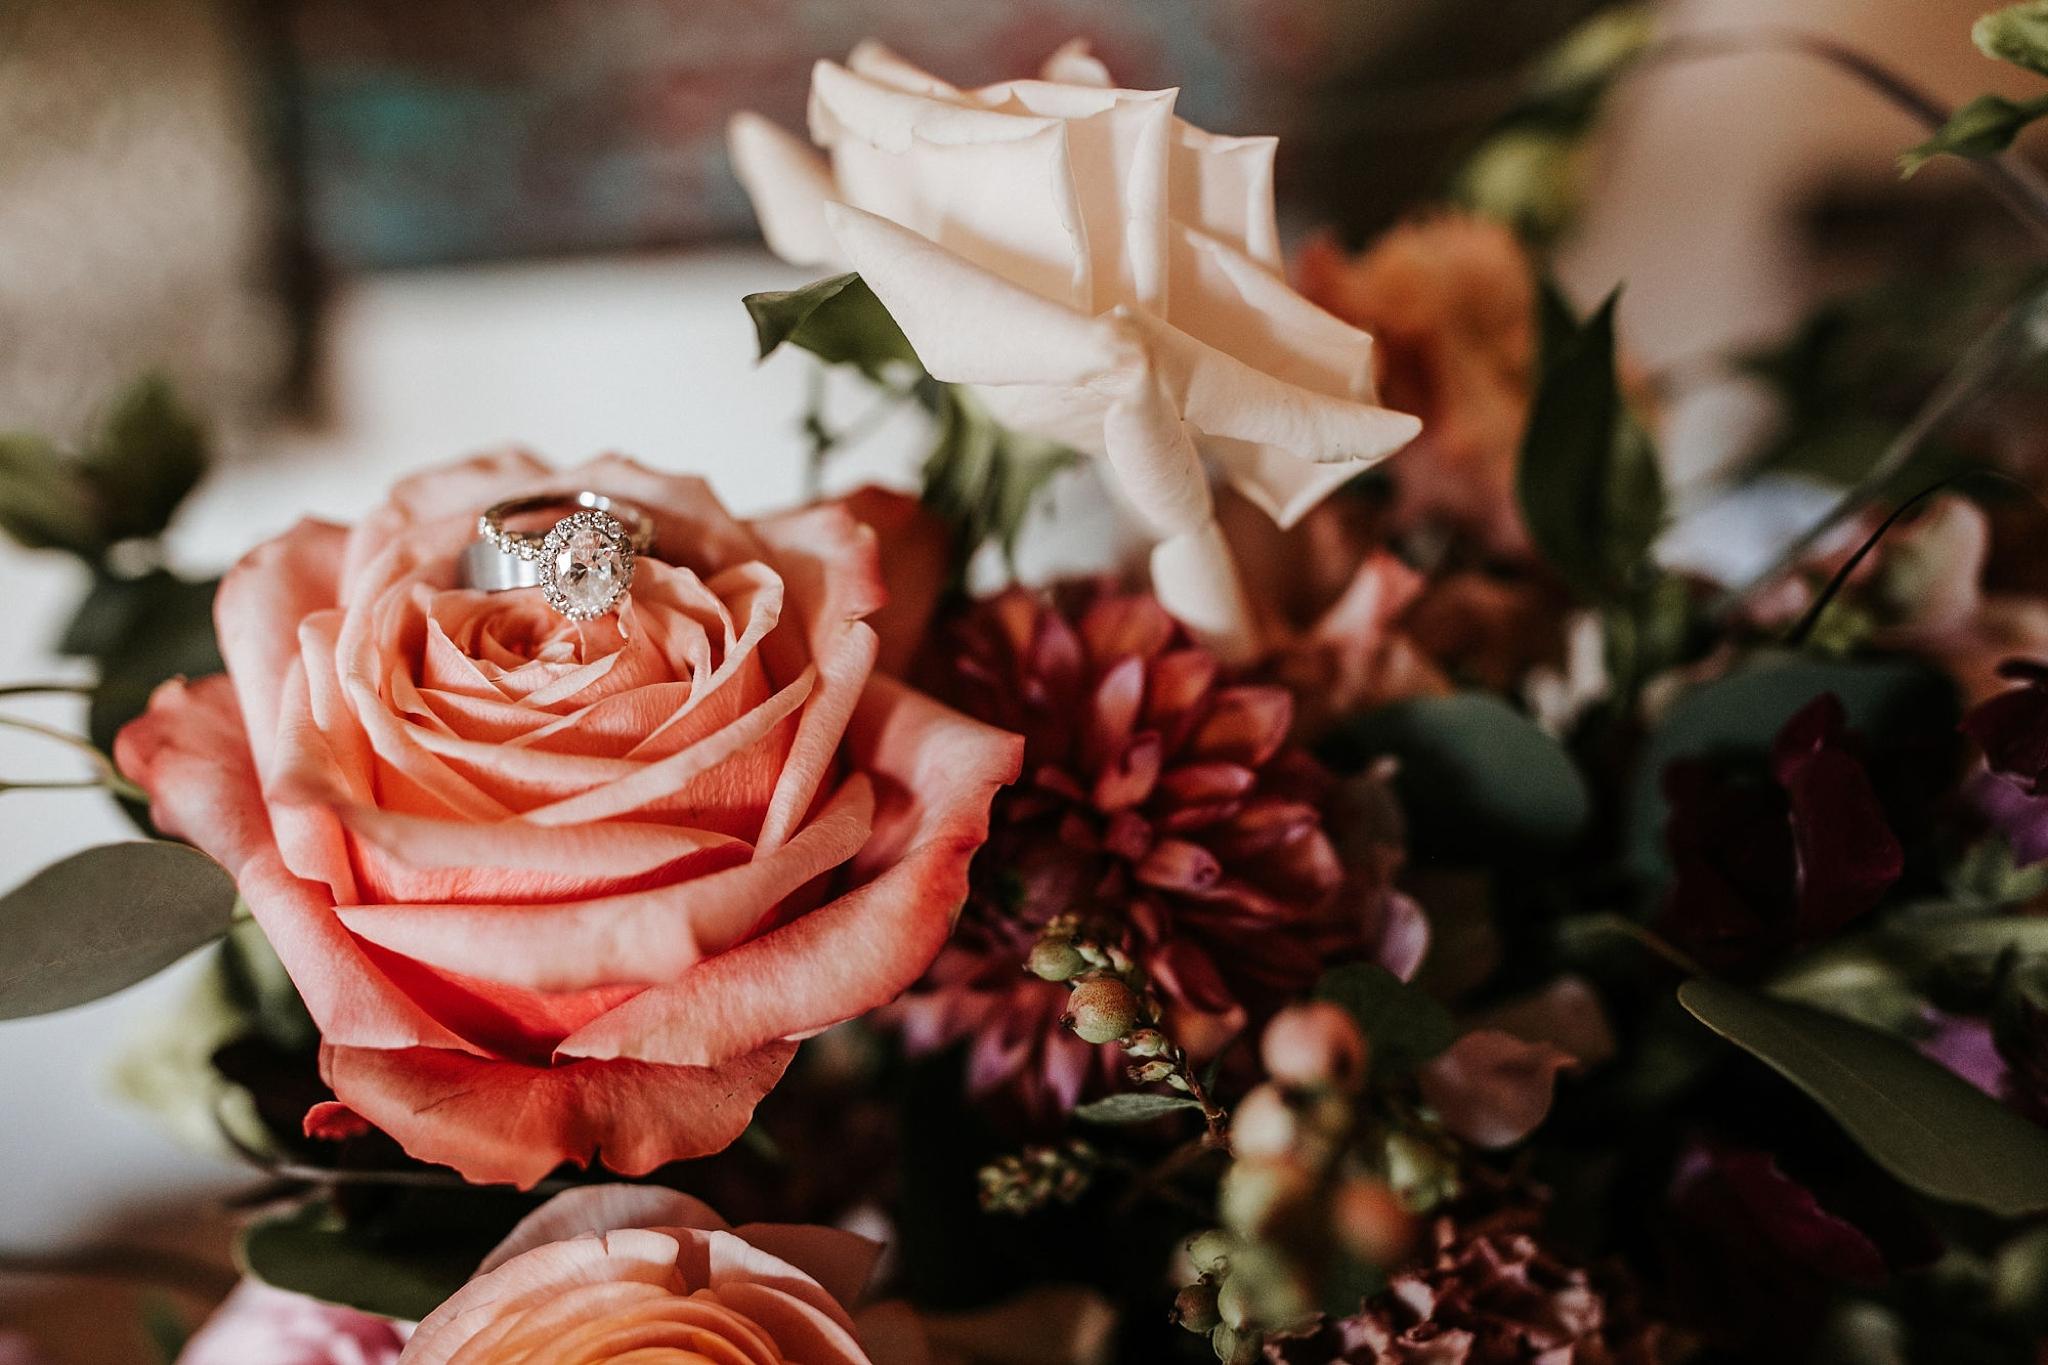 Alicia+lucia+photography+-+albuquerque+wedding+photographer+-+santa+fe+wedding+photography+-+new+mexico+wedding+photographer+-+new+mexico+florist+-+wedding+florist+-+renegade+floral_0101.jpg